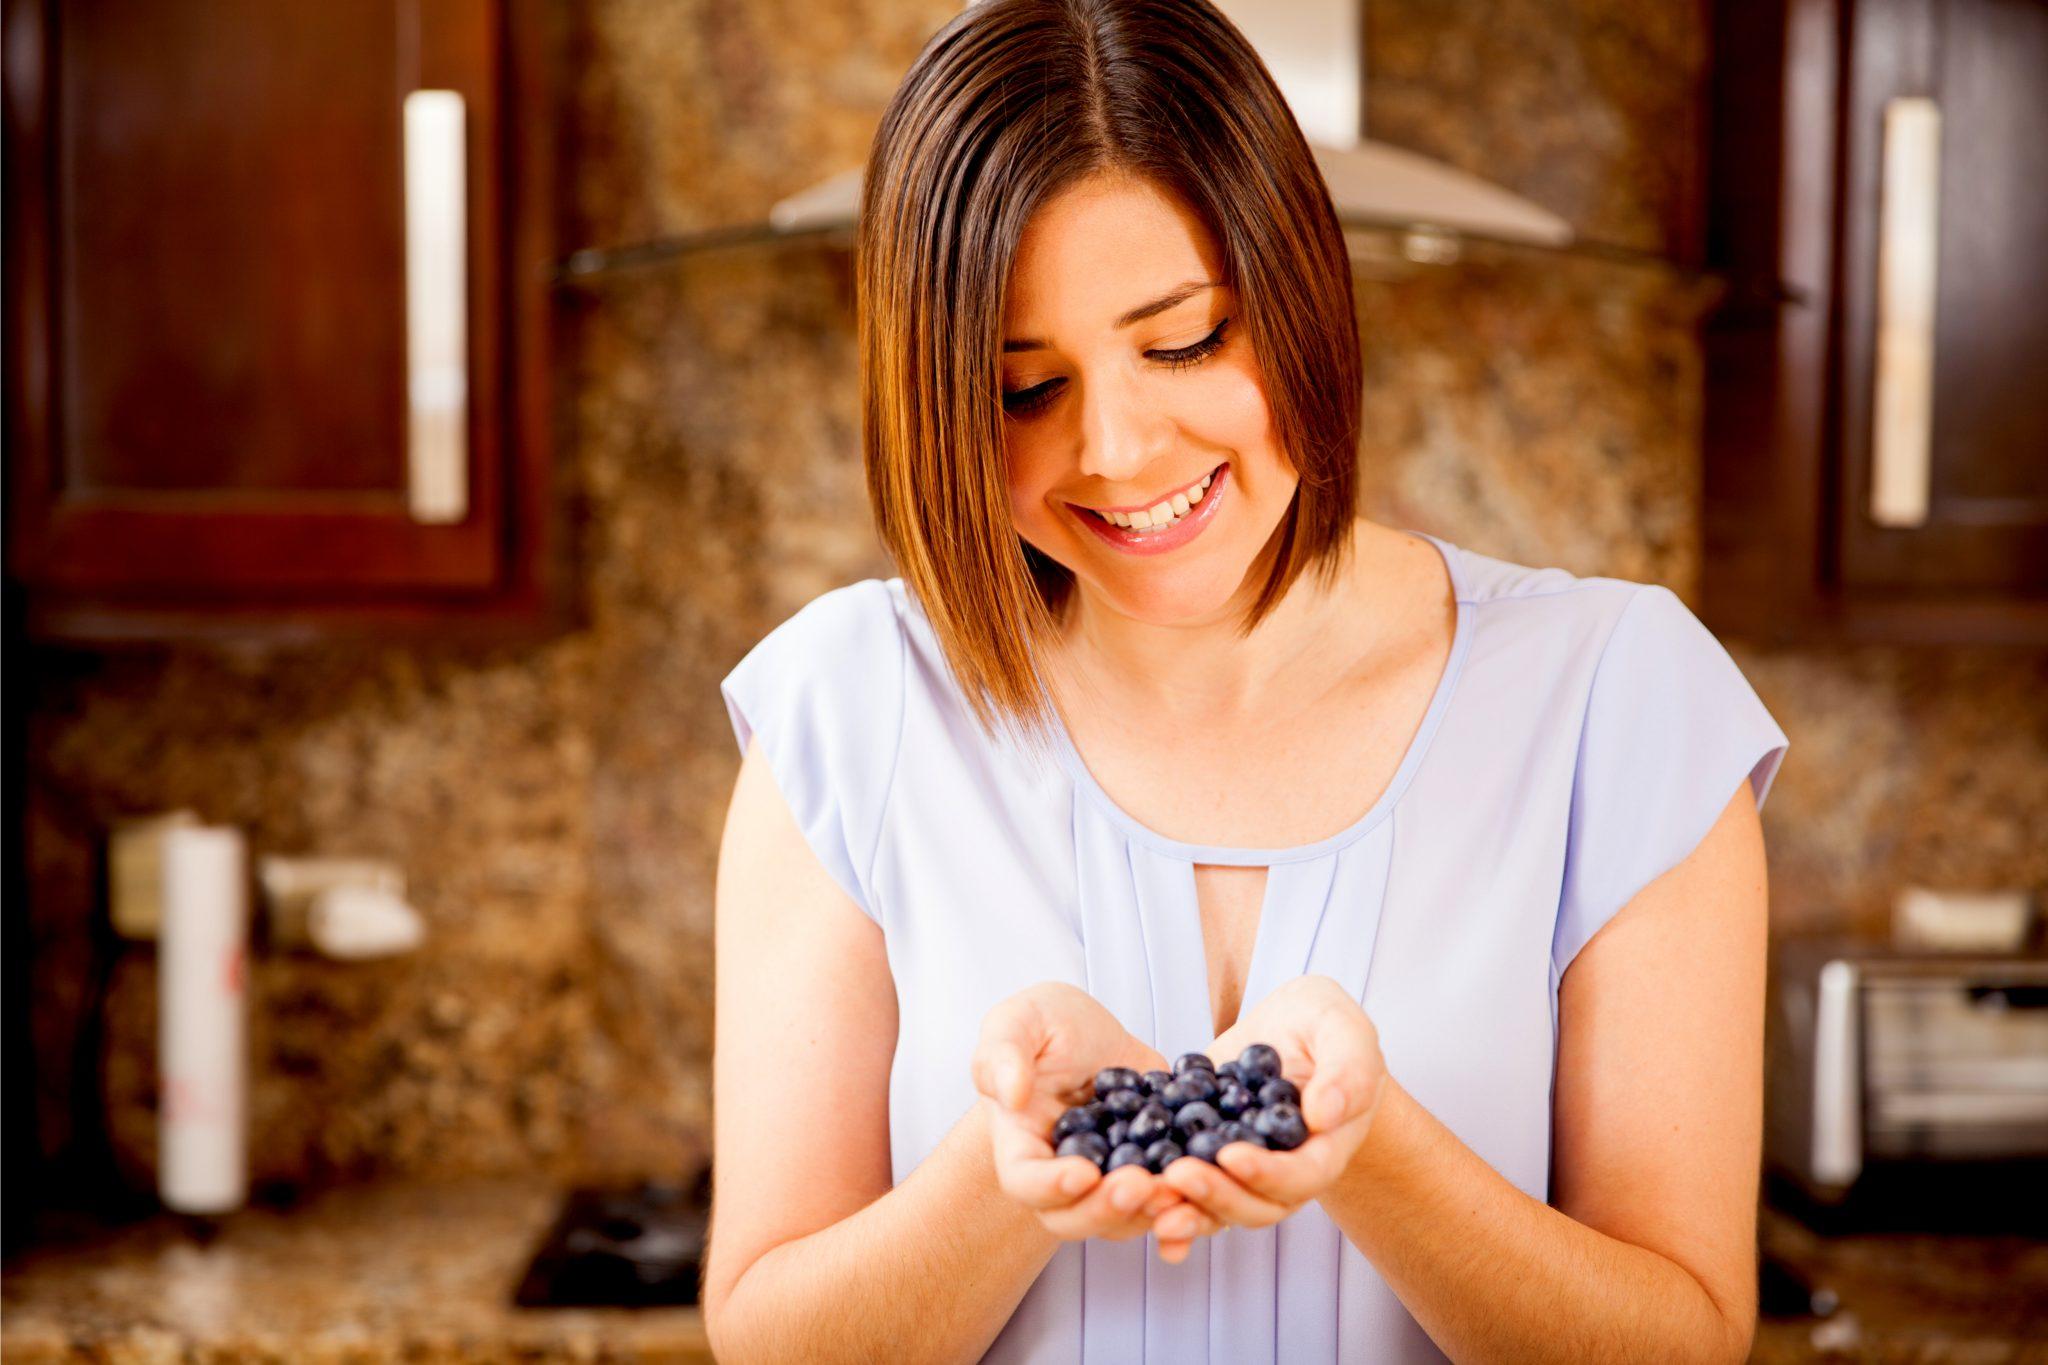 ブルーベリーを食べようとしている女性